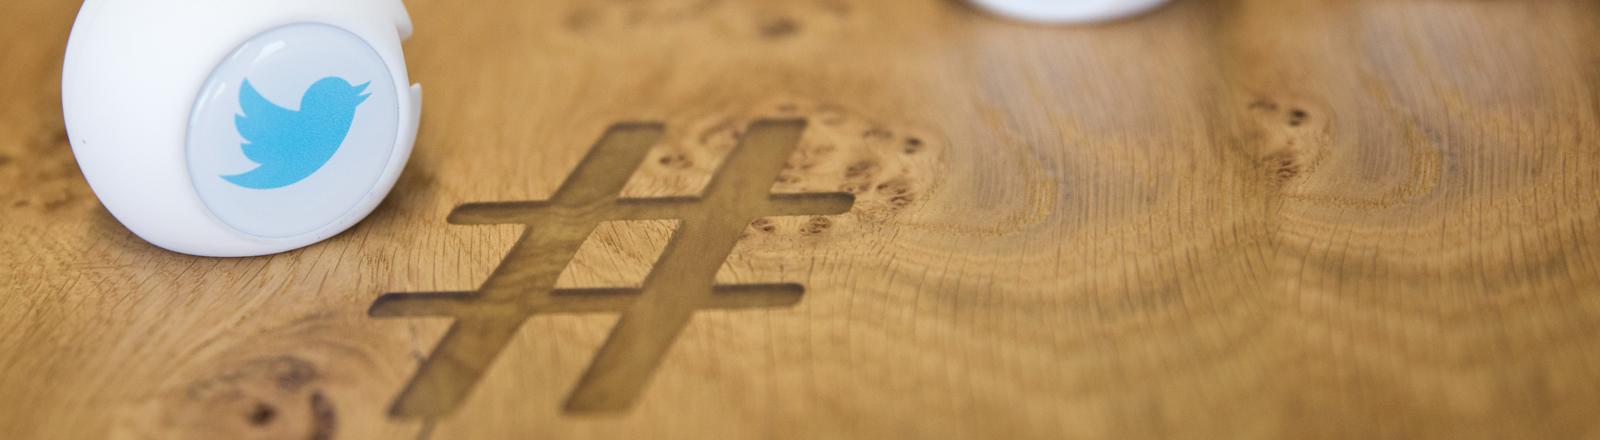 Das Twitterhashtag in einem Tisch, darauf Marketingartikel mit dem Firmenlogo